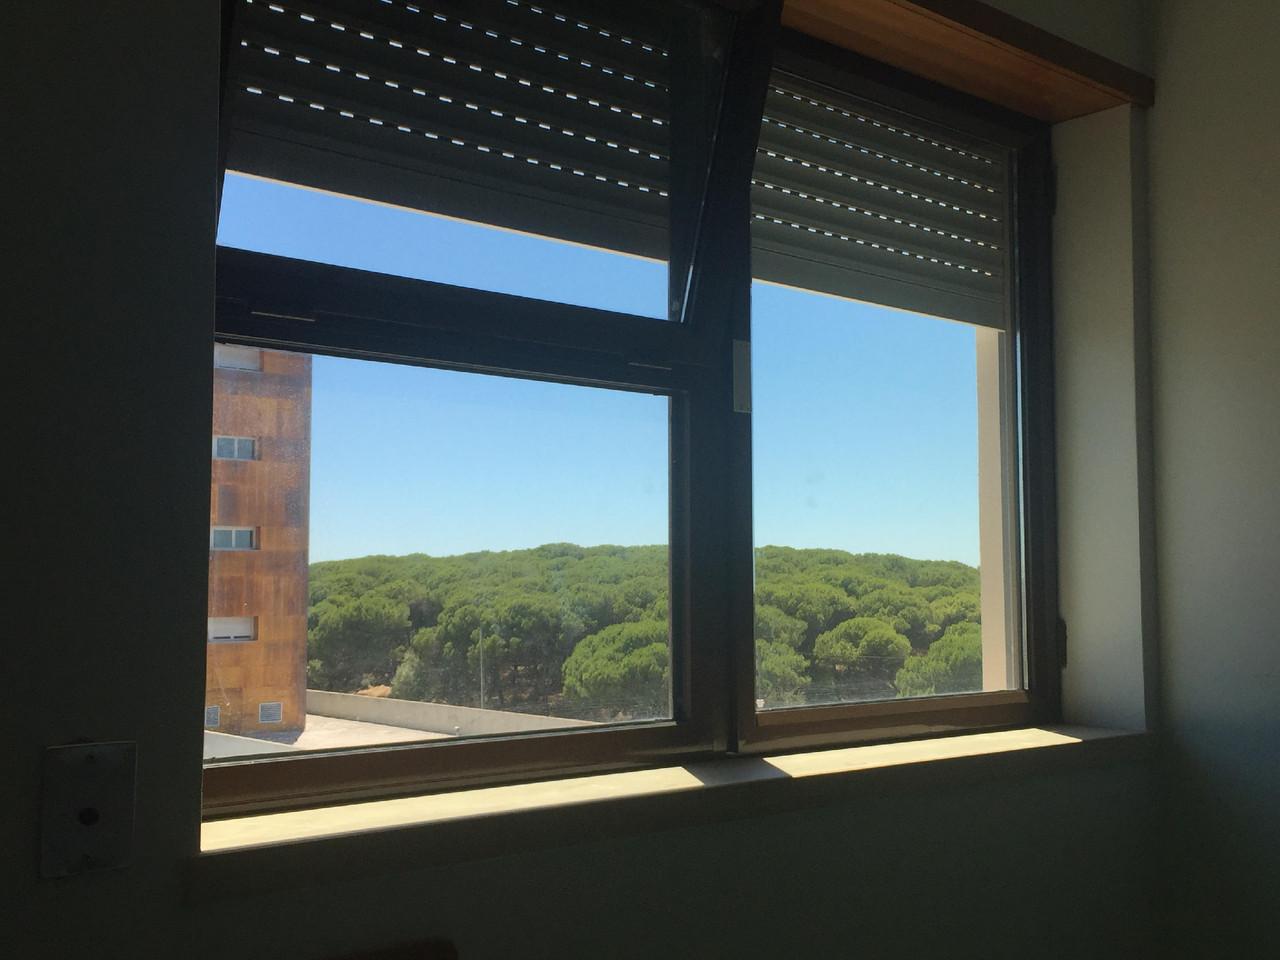 Janela Hospita São Francisco Xavier LiAM.jpg